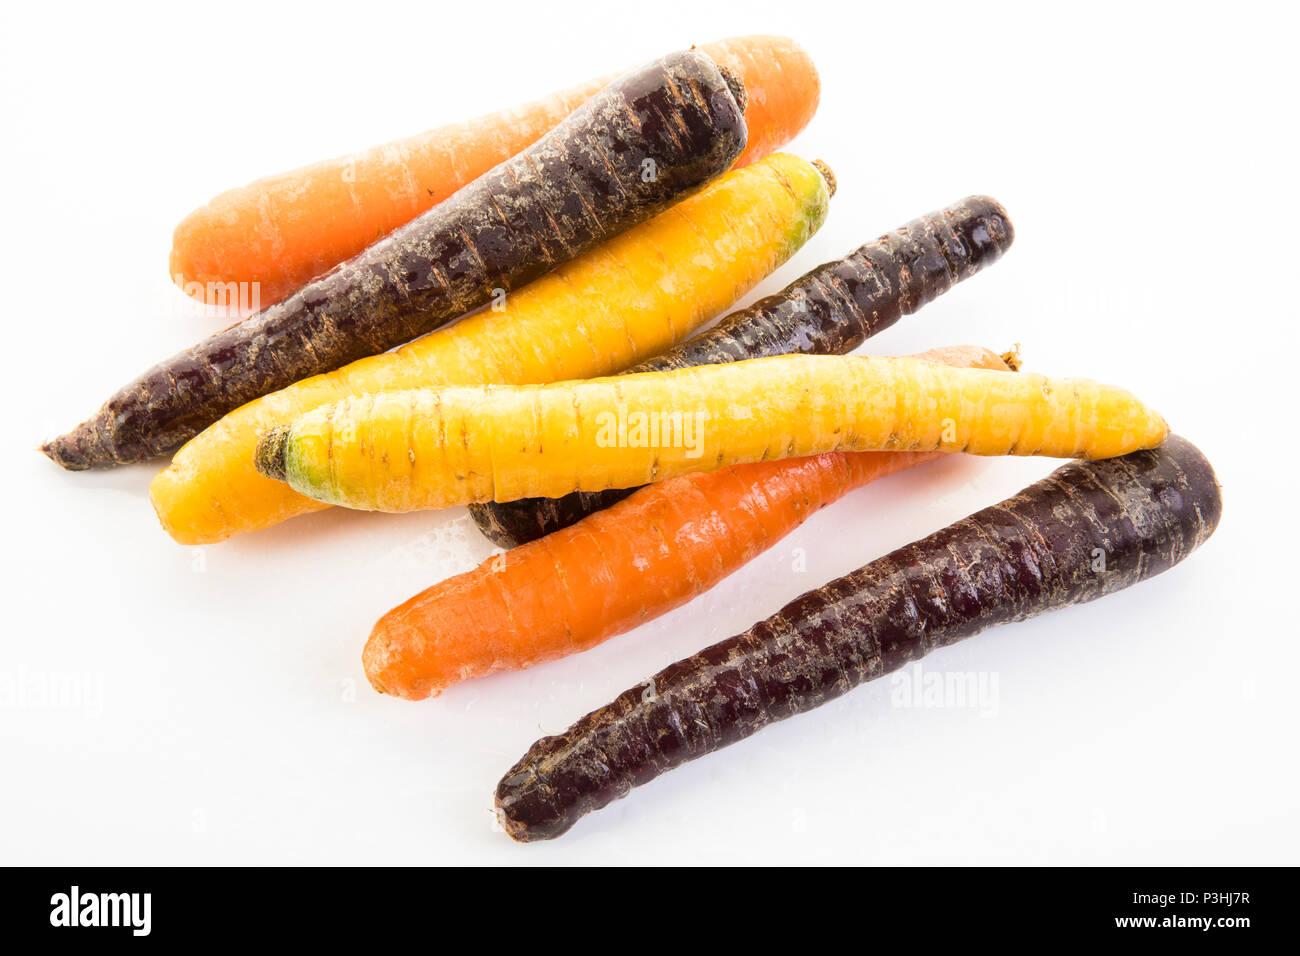 Karotten-Mix, orange, creme und violett farbene Karotten Stock Photo